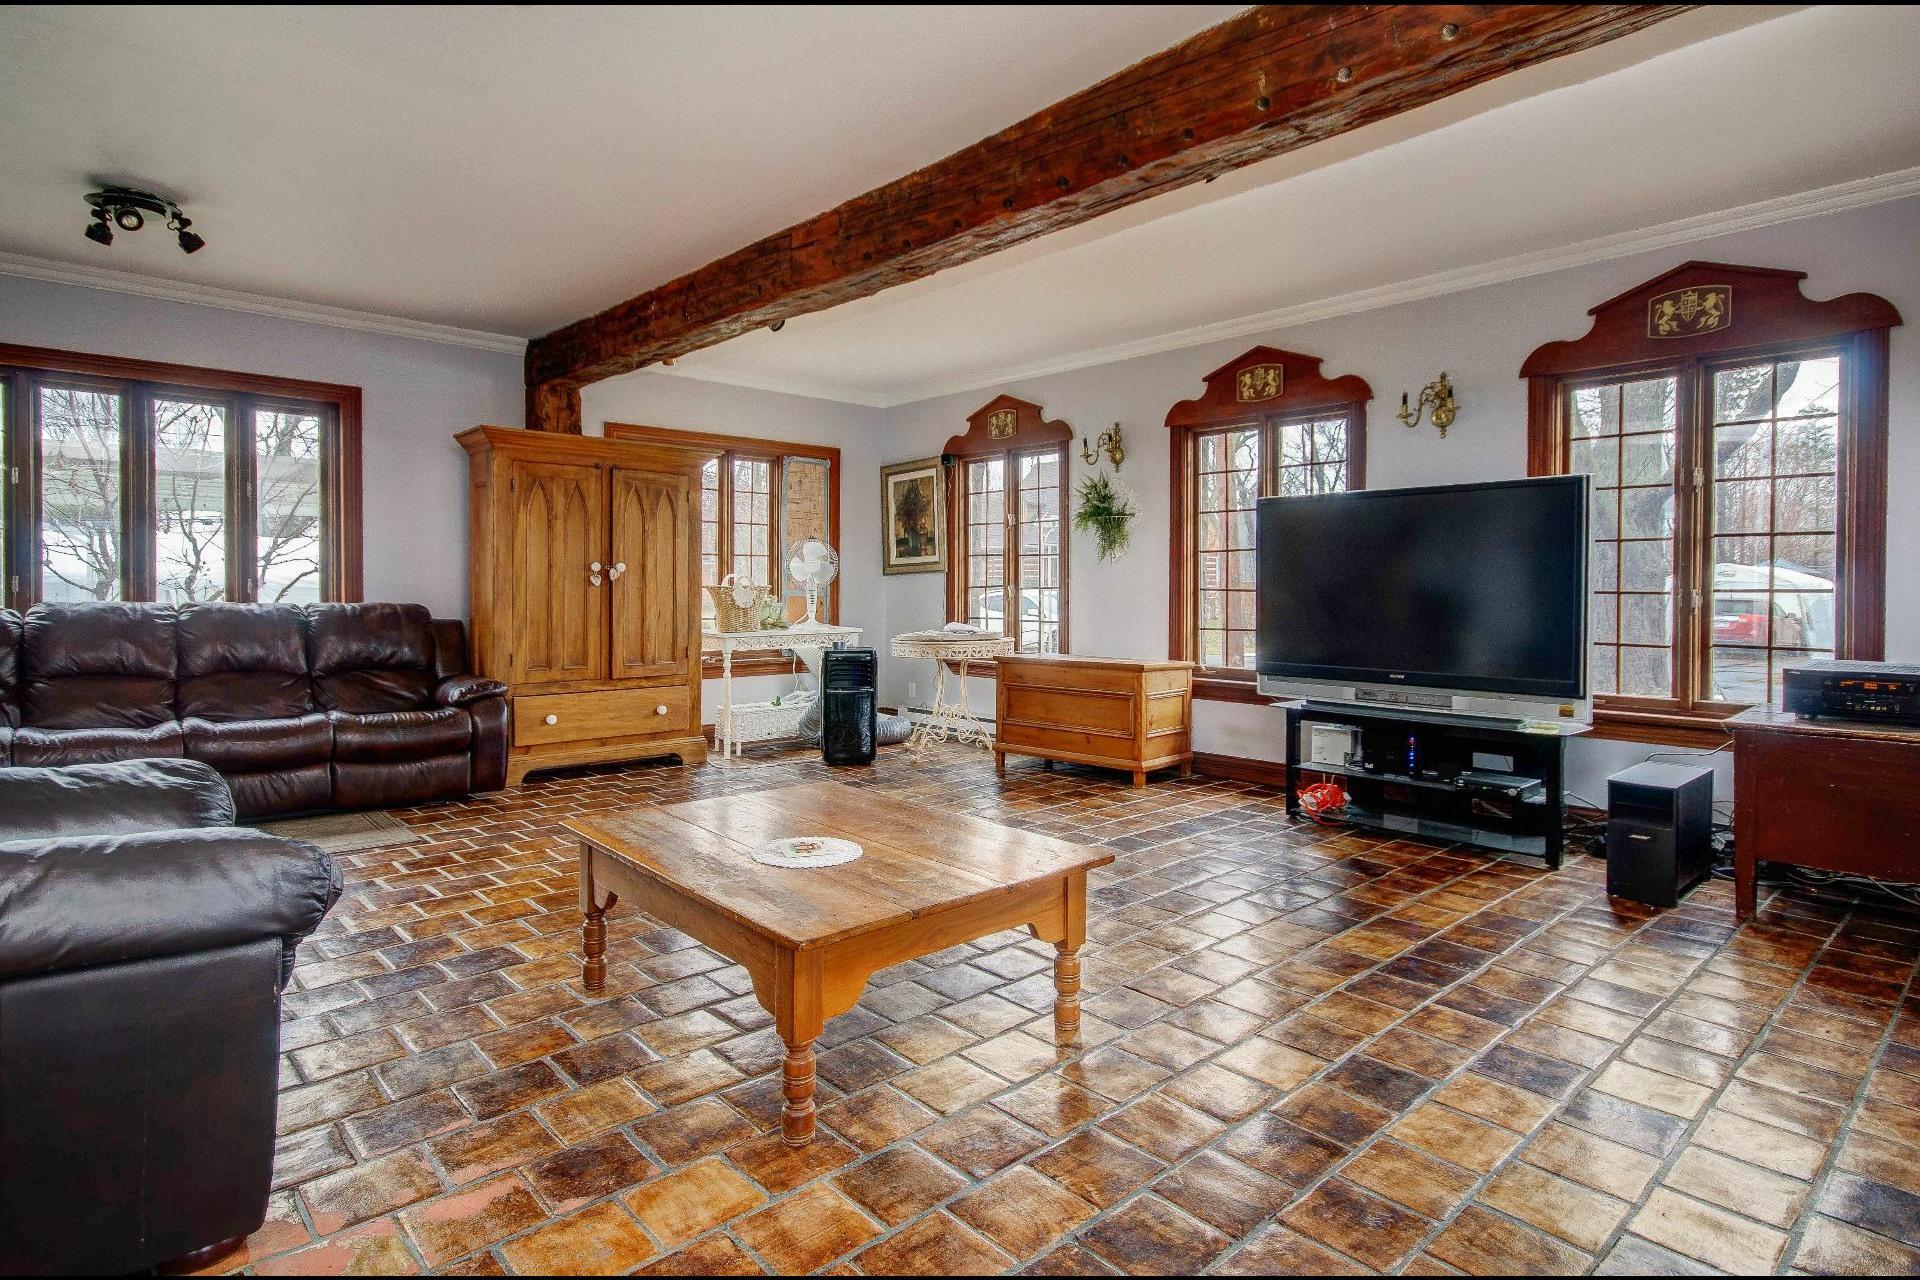 image 9 - Maison À vendre Châteauguay - 12 pièces